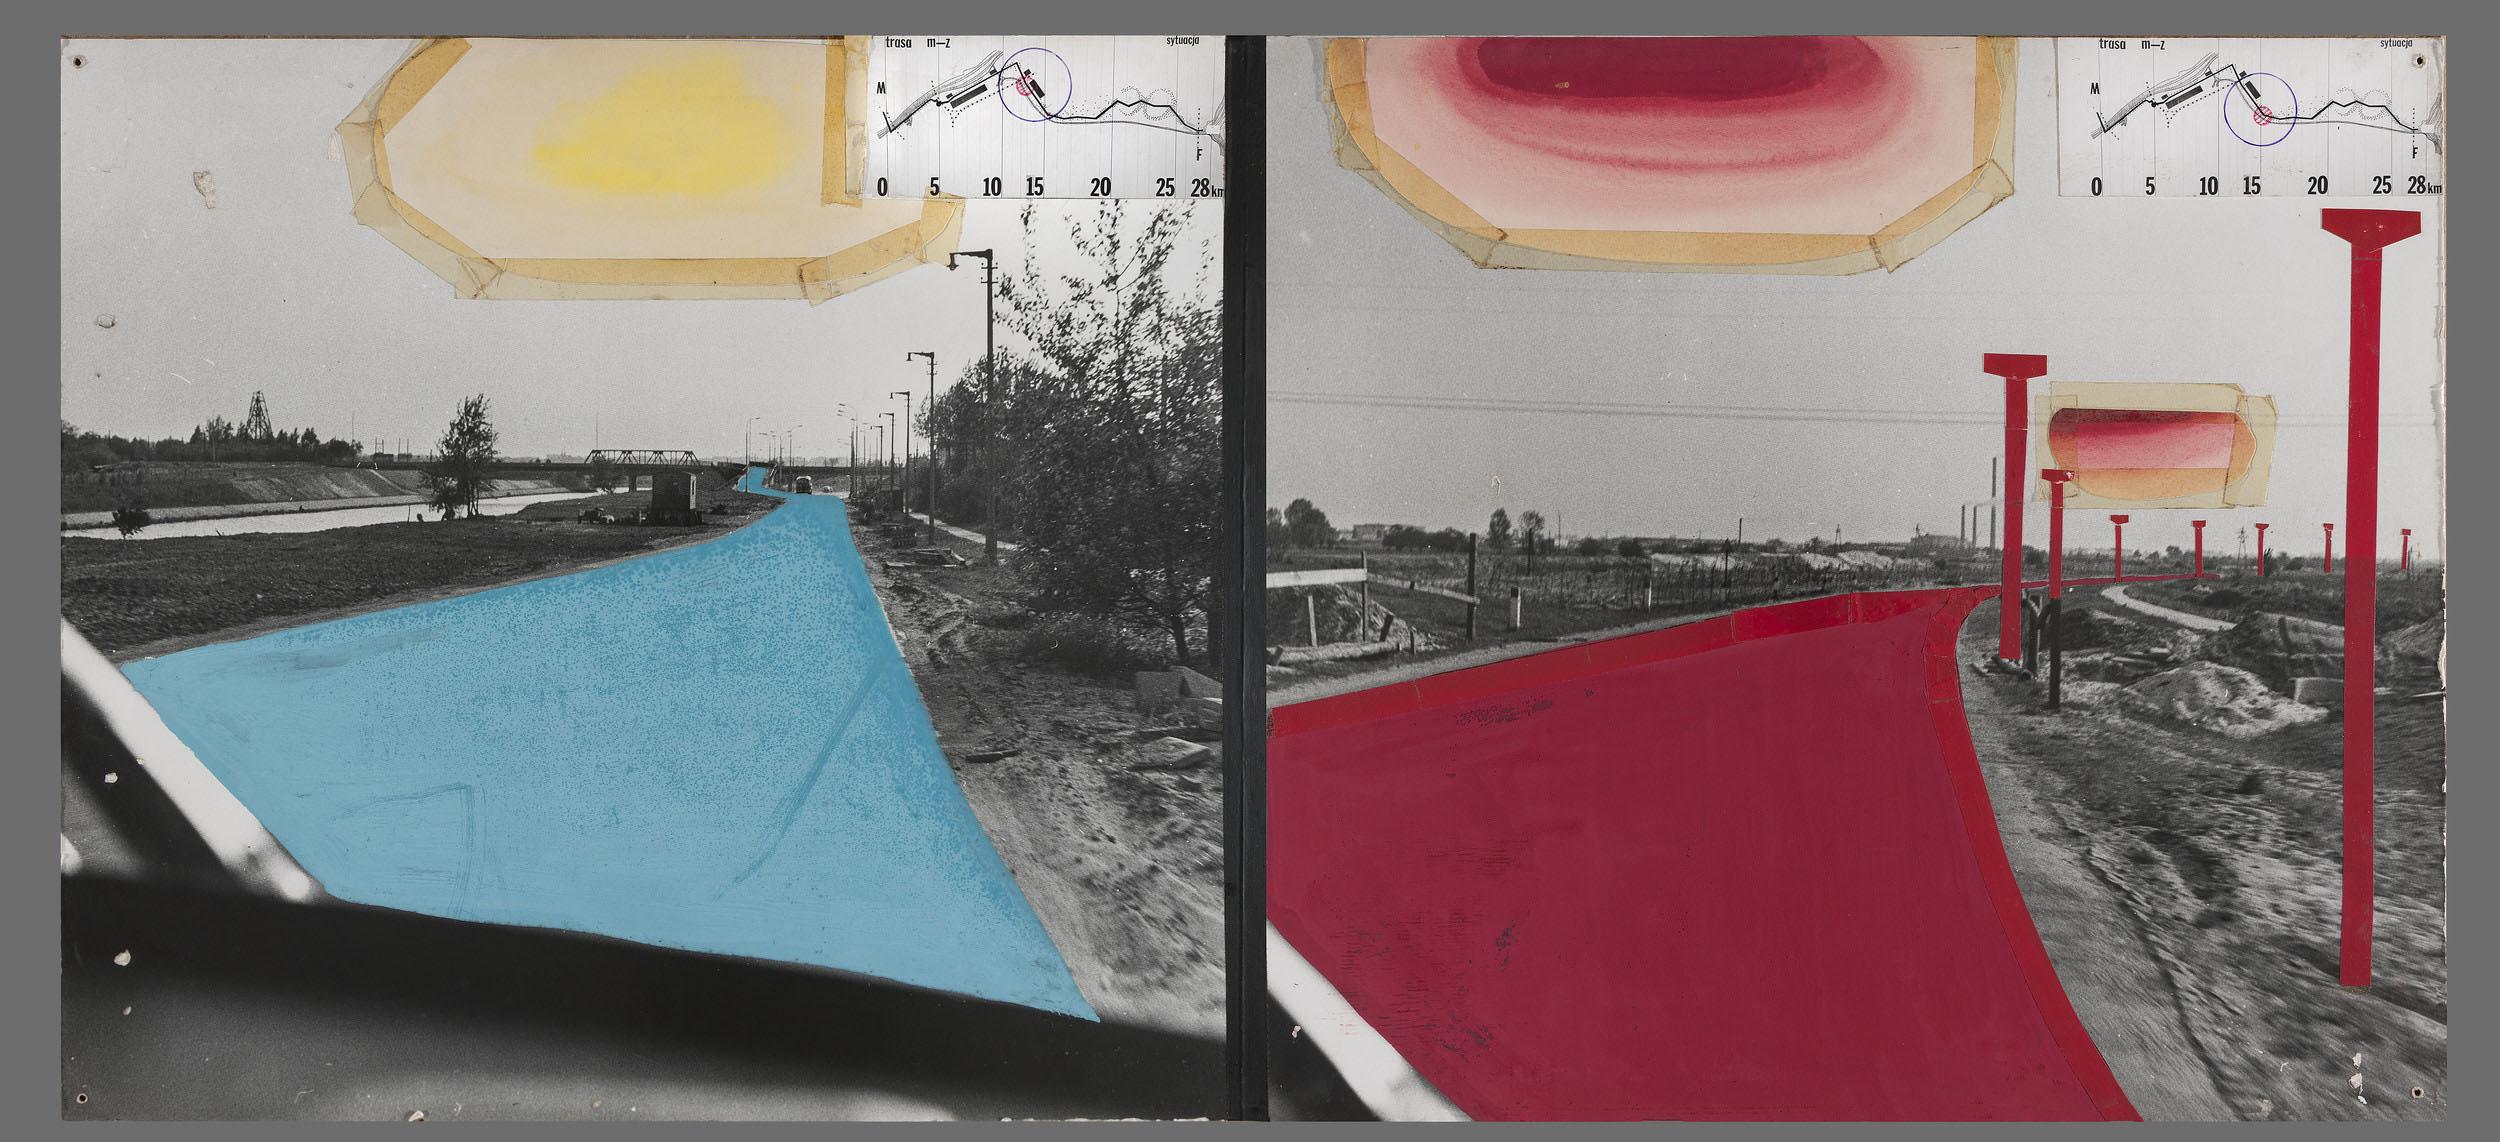 Stefan Gierowski  Propozycje zagospodarowania Trasy Muzeum – Zalew Zegrzyński, 1971 kolaż, fotografia, gwasz, druk, flamaster, papier nasklejce, 50 × 110 cm